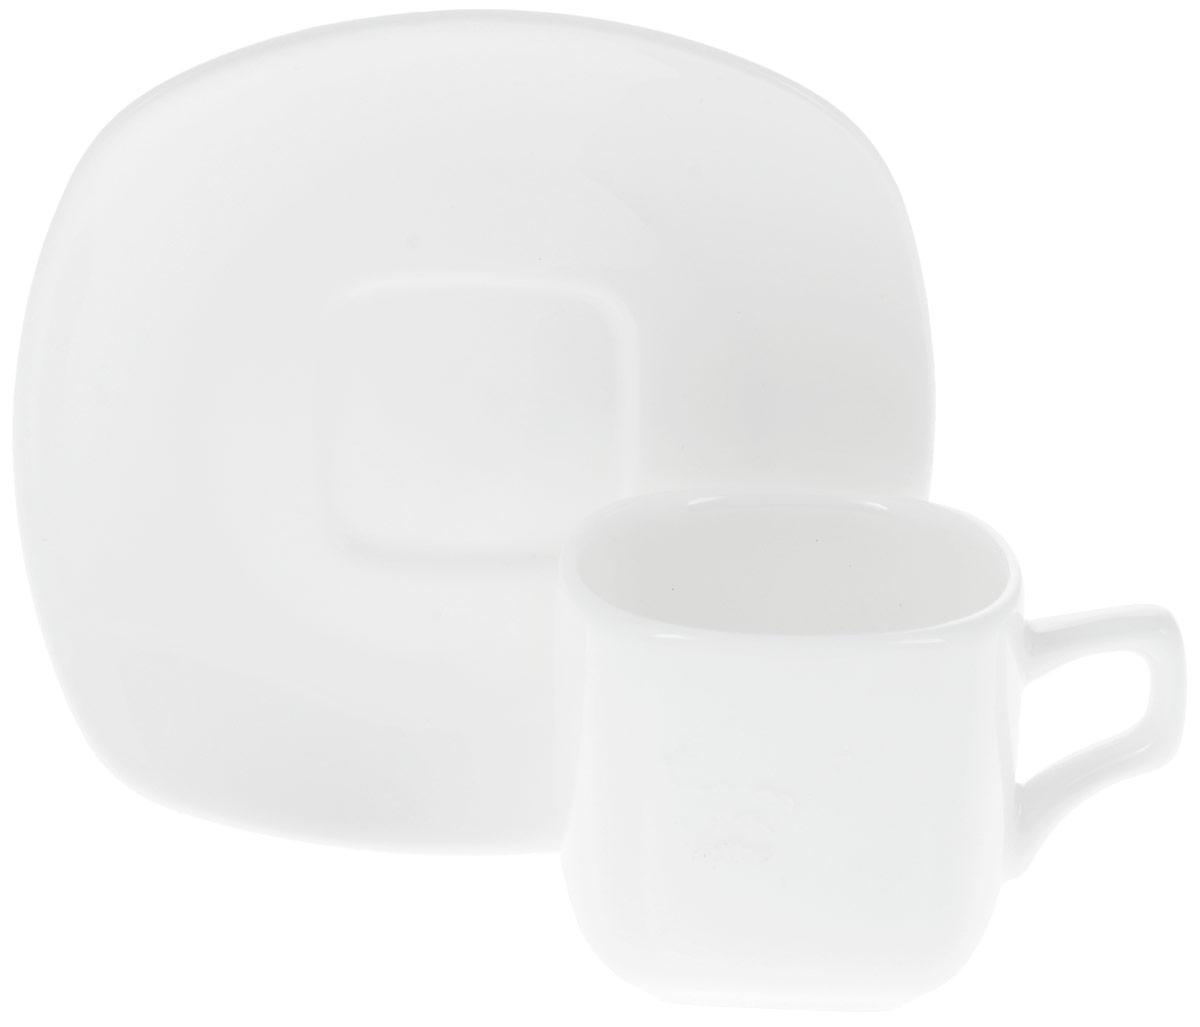 Кофейная пара Wilmax, 2 предмета. WL-993041 / ABWL-993041 / ABКофейная пара Wilmax состоит из кофейной чашки и квадратного блюдца, изготовленных из высококачественного глазурованного фарфора. Материал легкий, тонкий, свет без труда проникает сквозь изделия. Посуда имеет роскошную белизну, гладкость и блеск достигаются за счет особой рецептуры глазури. Изделия обладают низкой водопоглощаемостью, высокой термостойкостью и ударопрочностью, а также экологичностью. Посуда долговечна и рассчитана на постоянное интенсивное использование. Гладкая непористая поверхность исключает проникновение бактерий, изделия не будут впитывать посторонние запахи и сохранят первоначальный цвет. Кофейная пара Wilmax - это функциональная, практичная и легкая в уходе посуда. Классический лаконичный дизайн дополнит сервировку вашего стола. Можно мыть в посудомоечной машине и использовать в микроволновой печи. Объем чашки: 90 мл. Размер чашки (по верхнему краю): 5,5 х 5,5 см. Высота стенки чашки: 5 см. ...